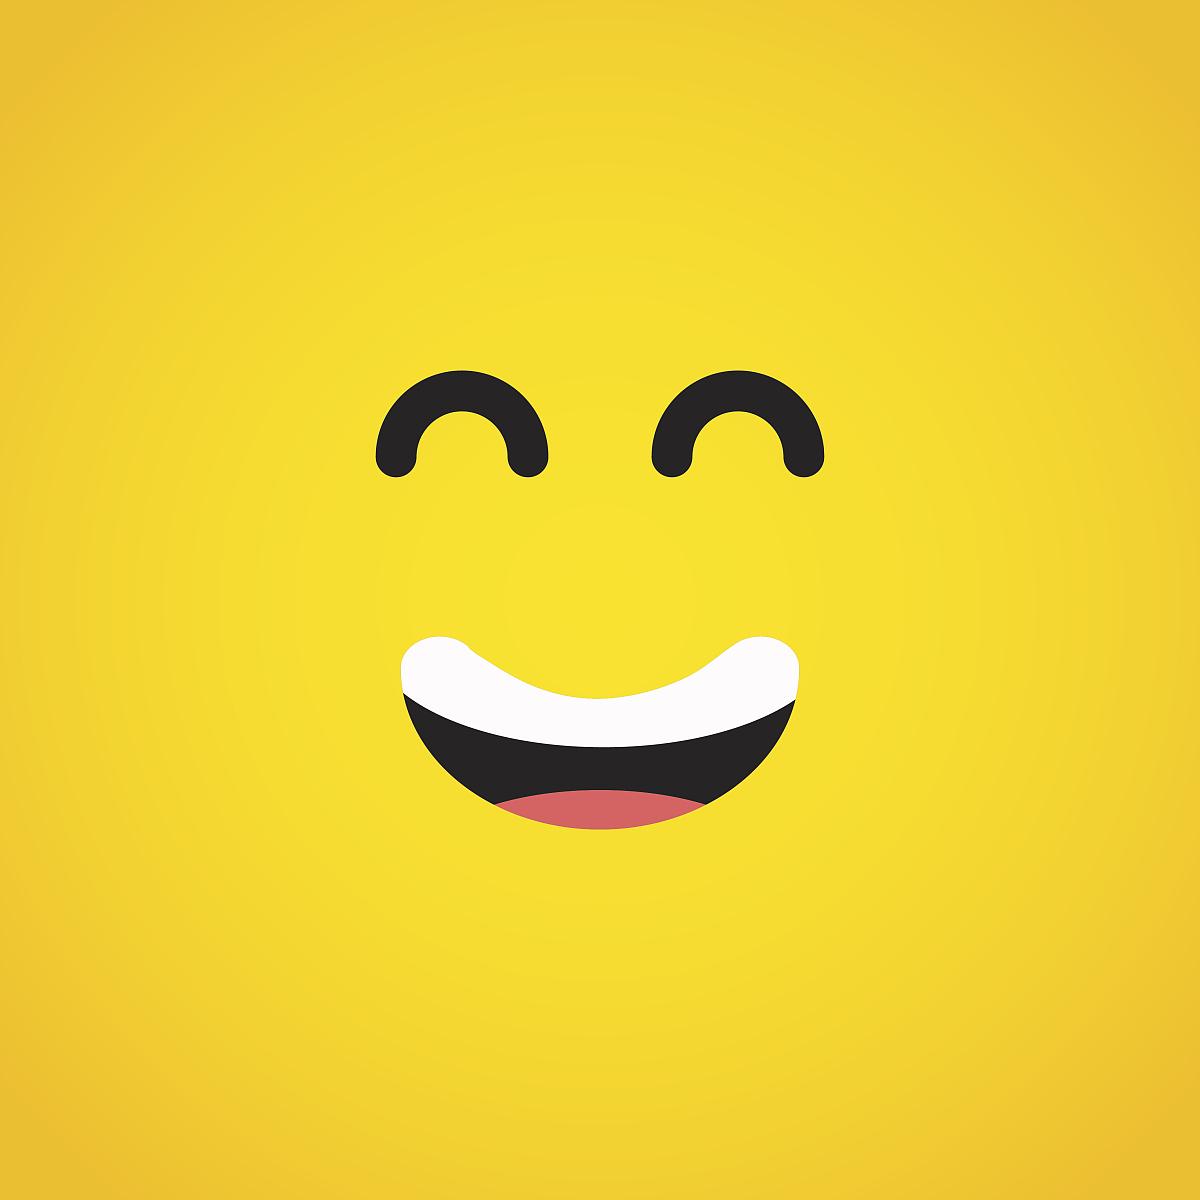 微笑的表情字符图片